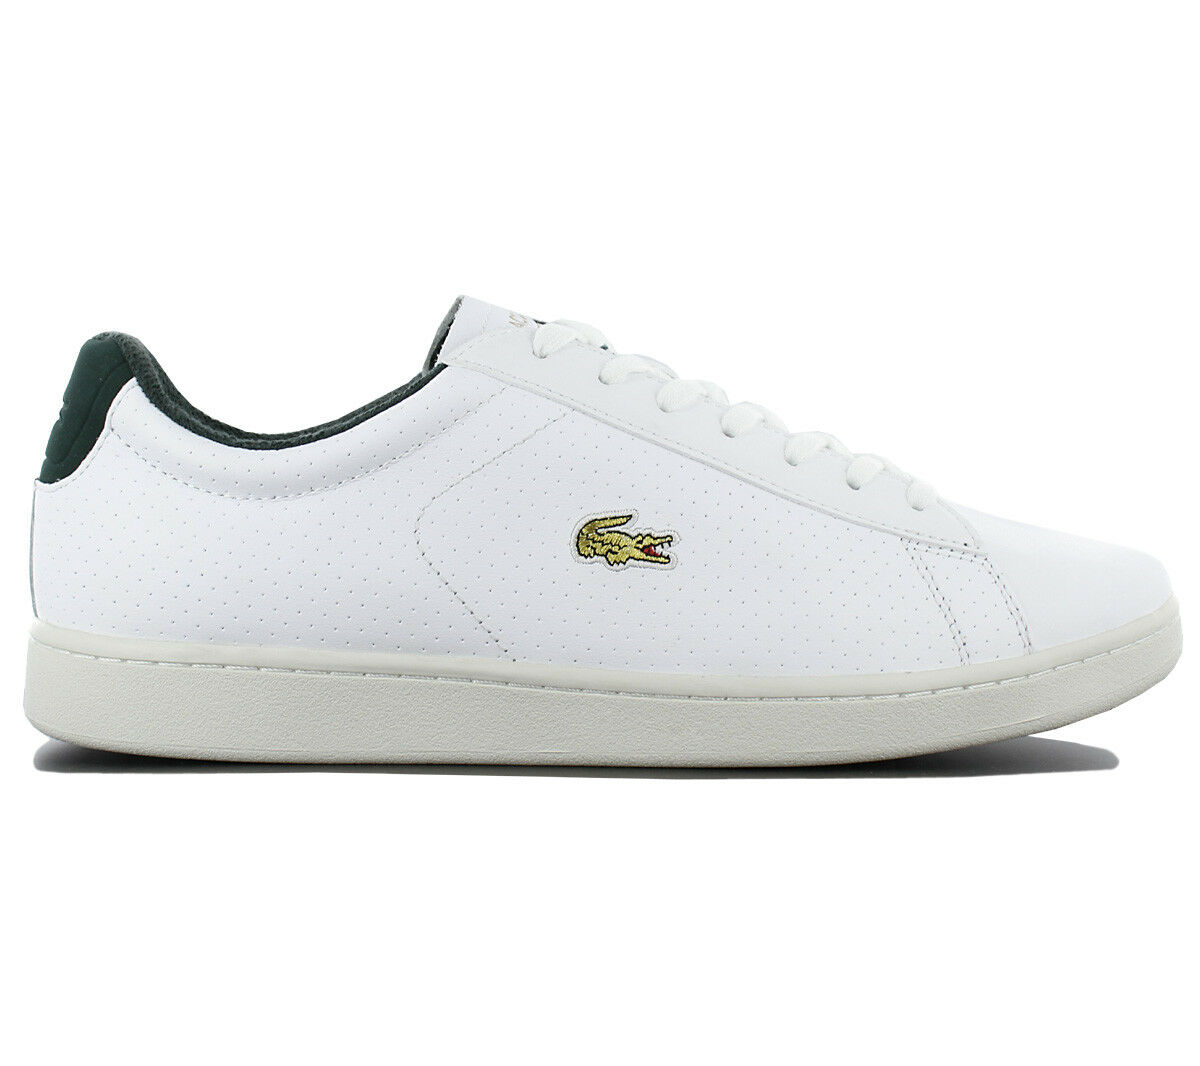 Lacoste Carnaby Evo 317 2 Leather Herren Schuhe Leder Freizeit Sneaker Weiß NEU